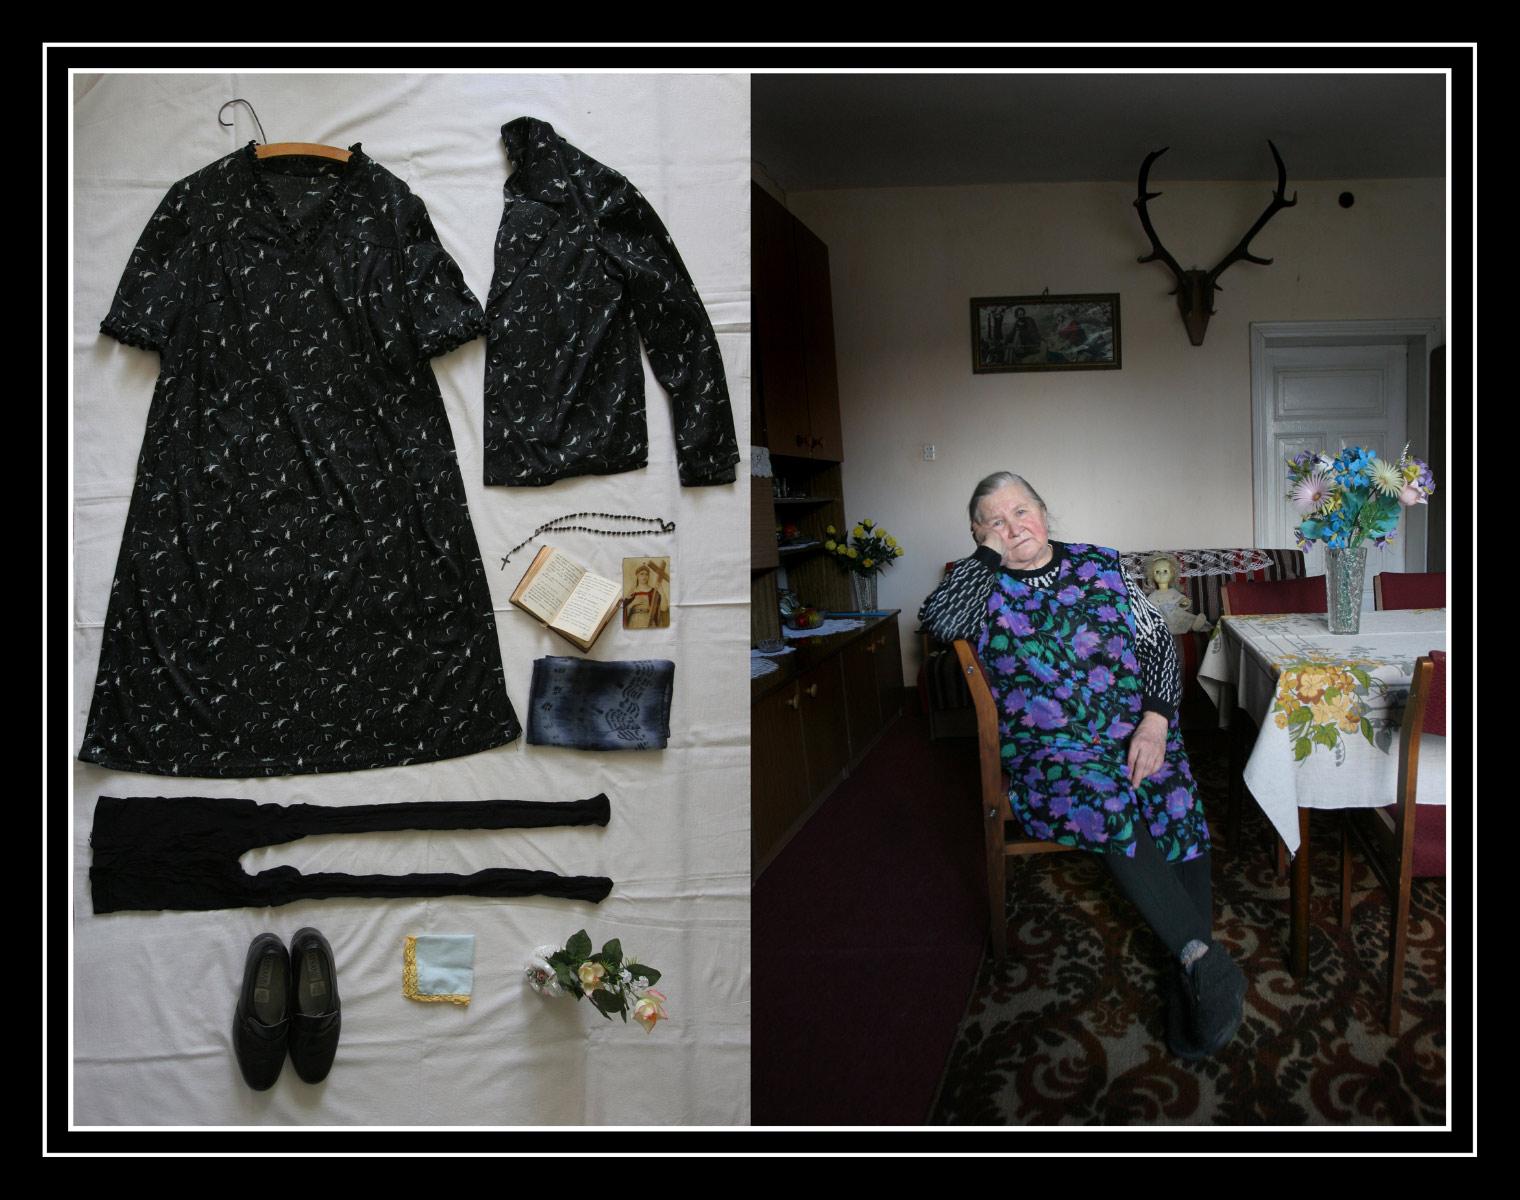 Clothes for death - Documentary photographer Anna Bedyńska